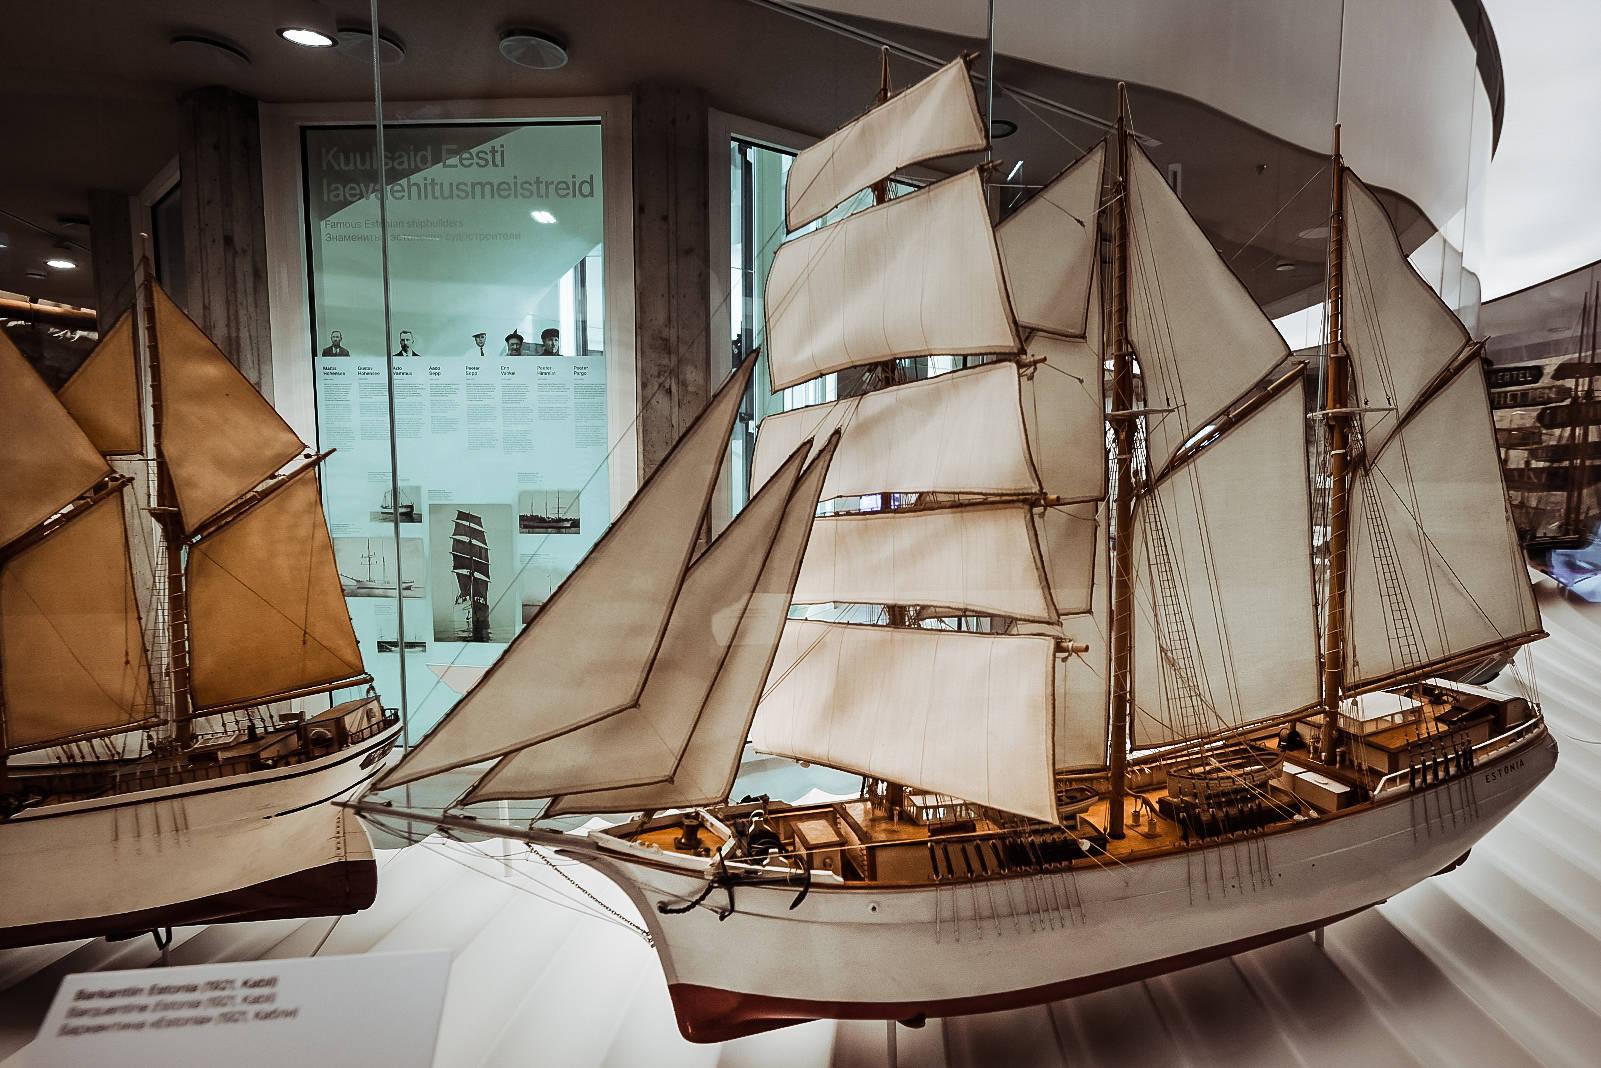 Perjeveneiden pienoismallit Paks Margareeta museo-vierailukeskuksessa, Viron Merimuseossa Vanhassa kaupungissa Tallinnassa Virossa Kuva: Kadi-Liis Koppel